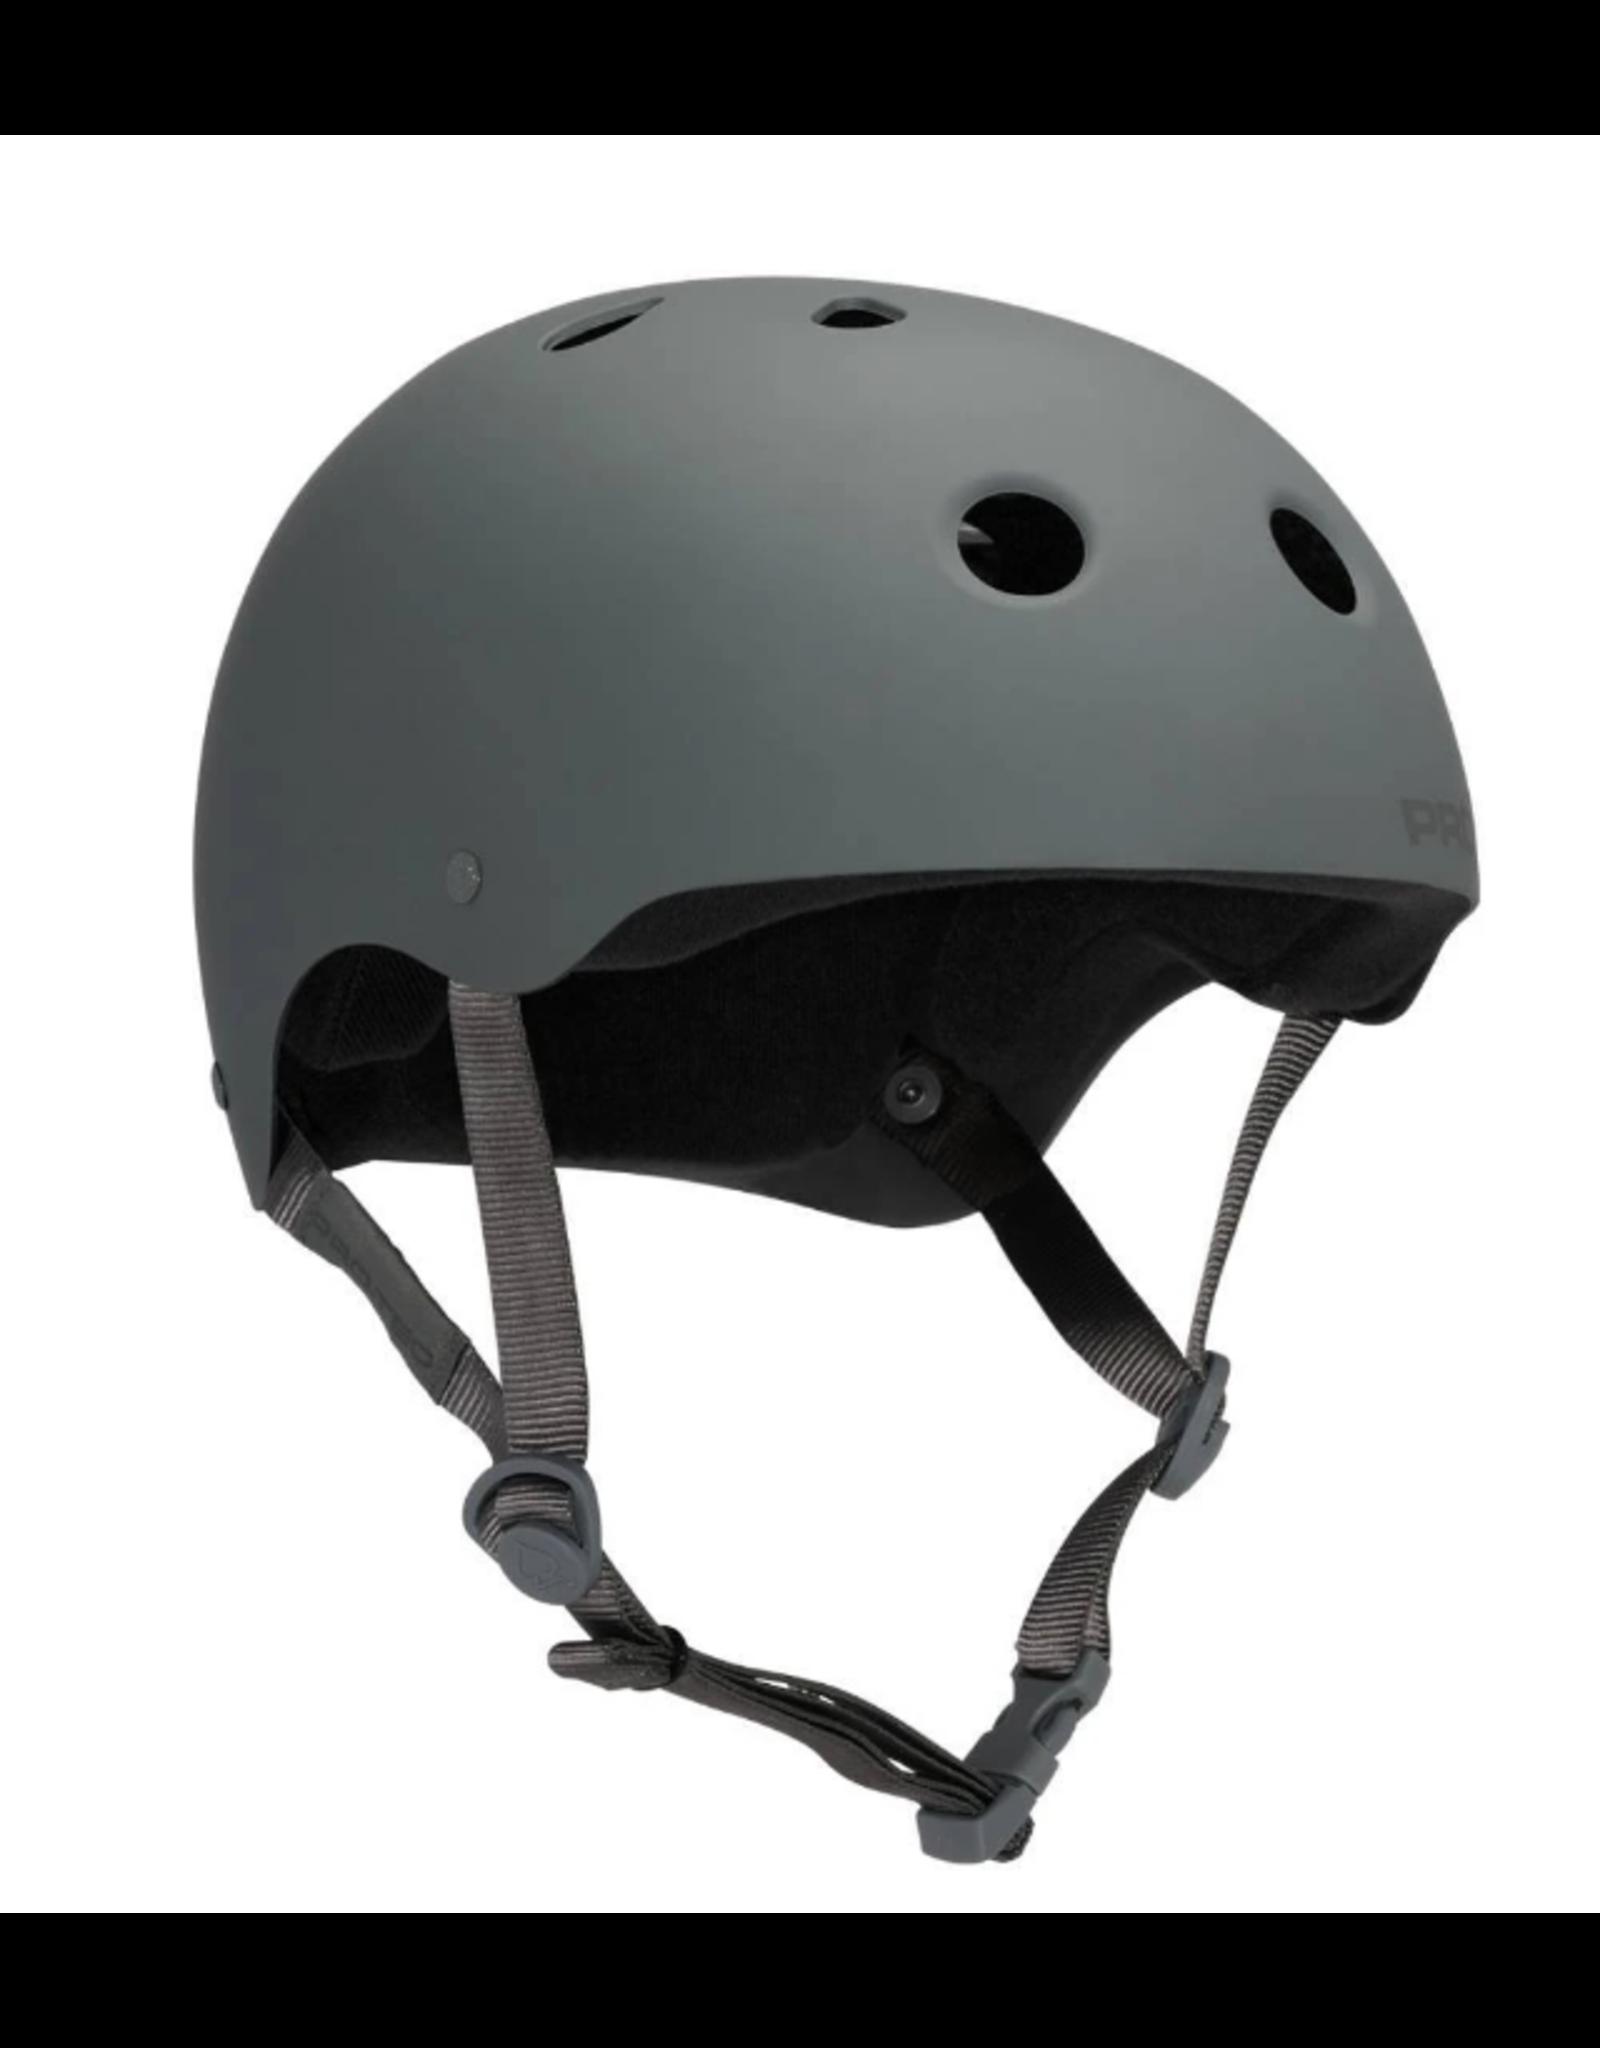 Pro-Tec Classic Skate Helmet - Grey